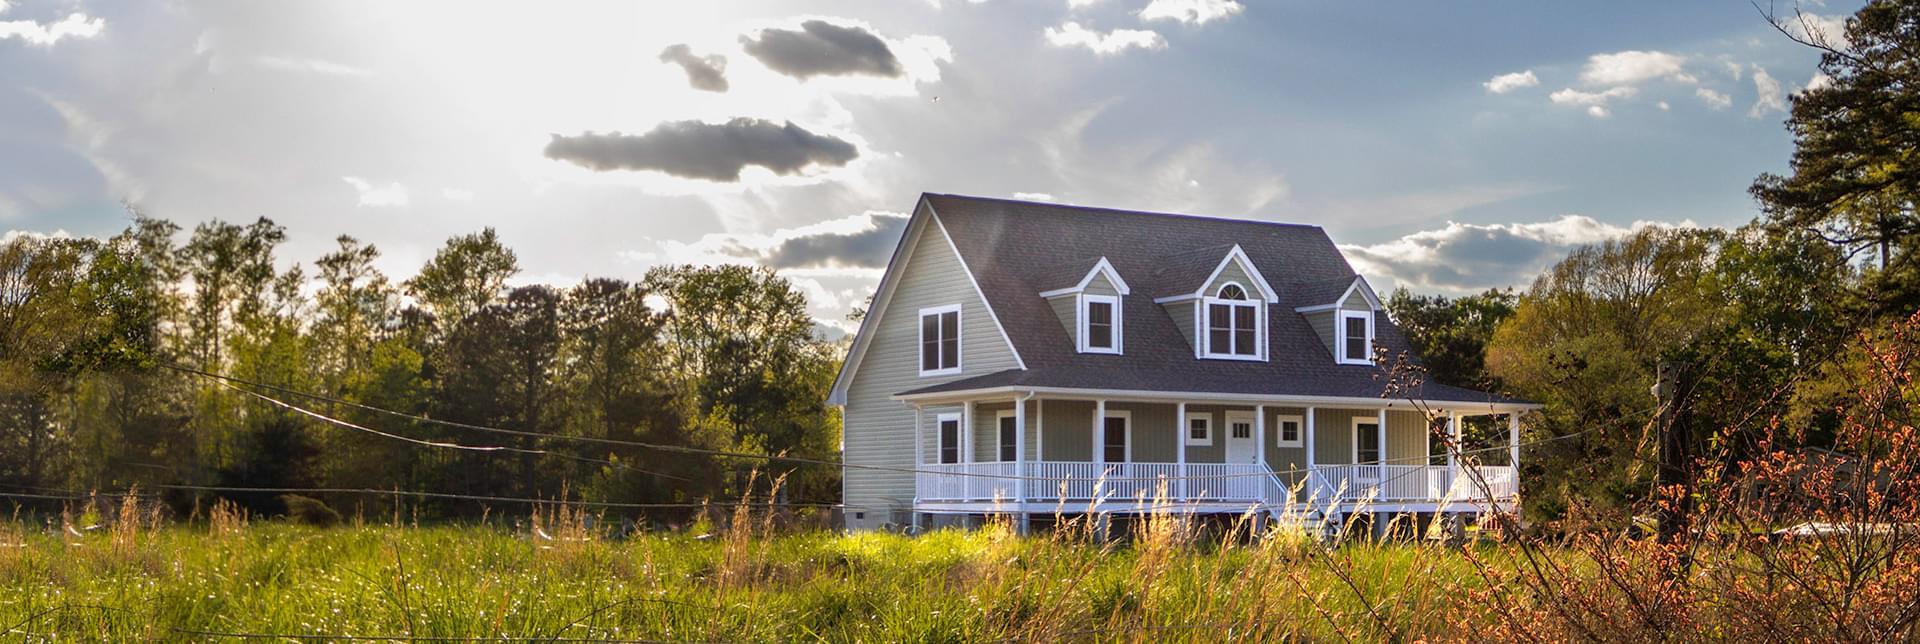 New Homes in Rappahannock County VA